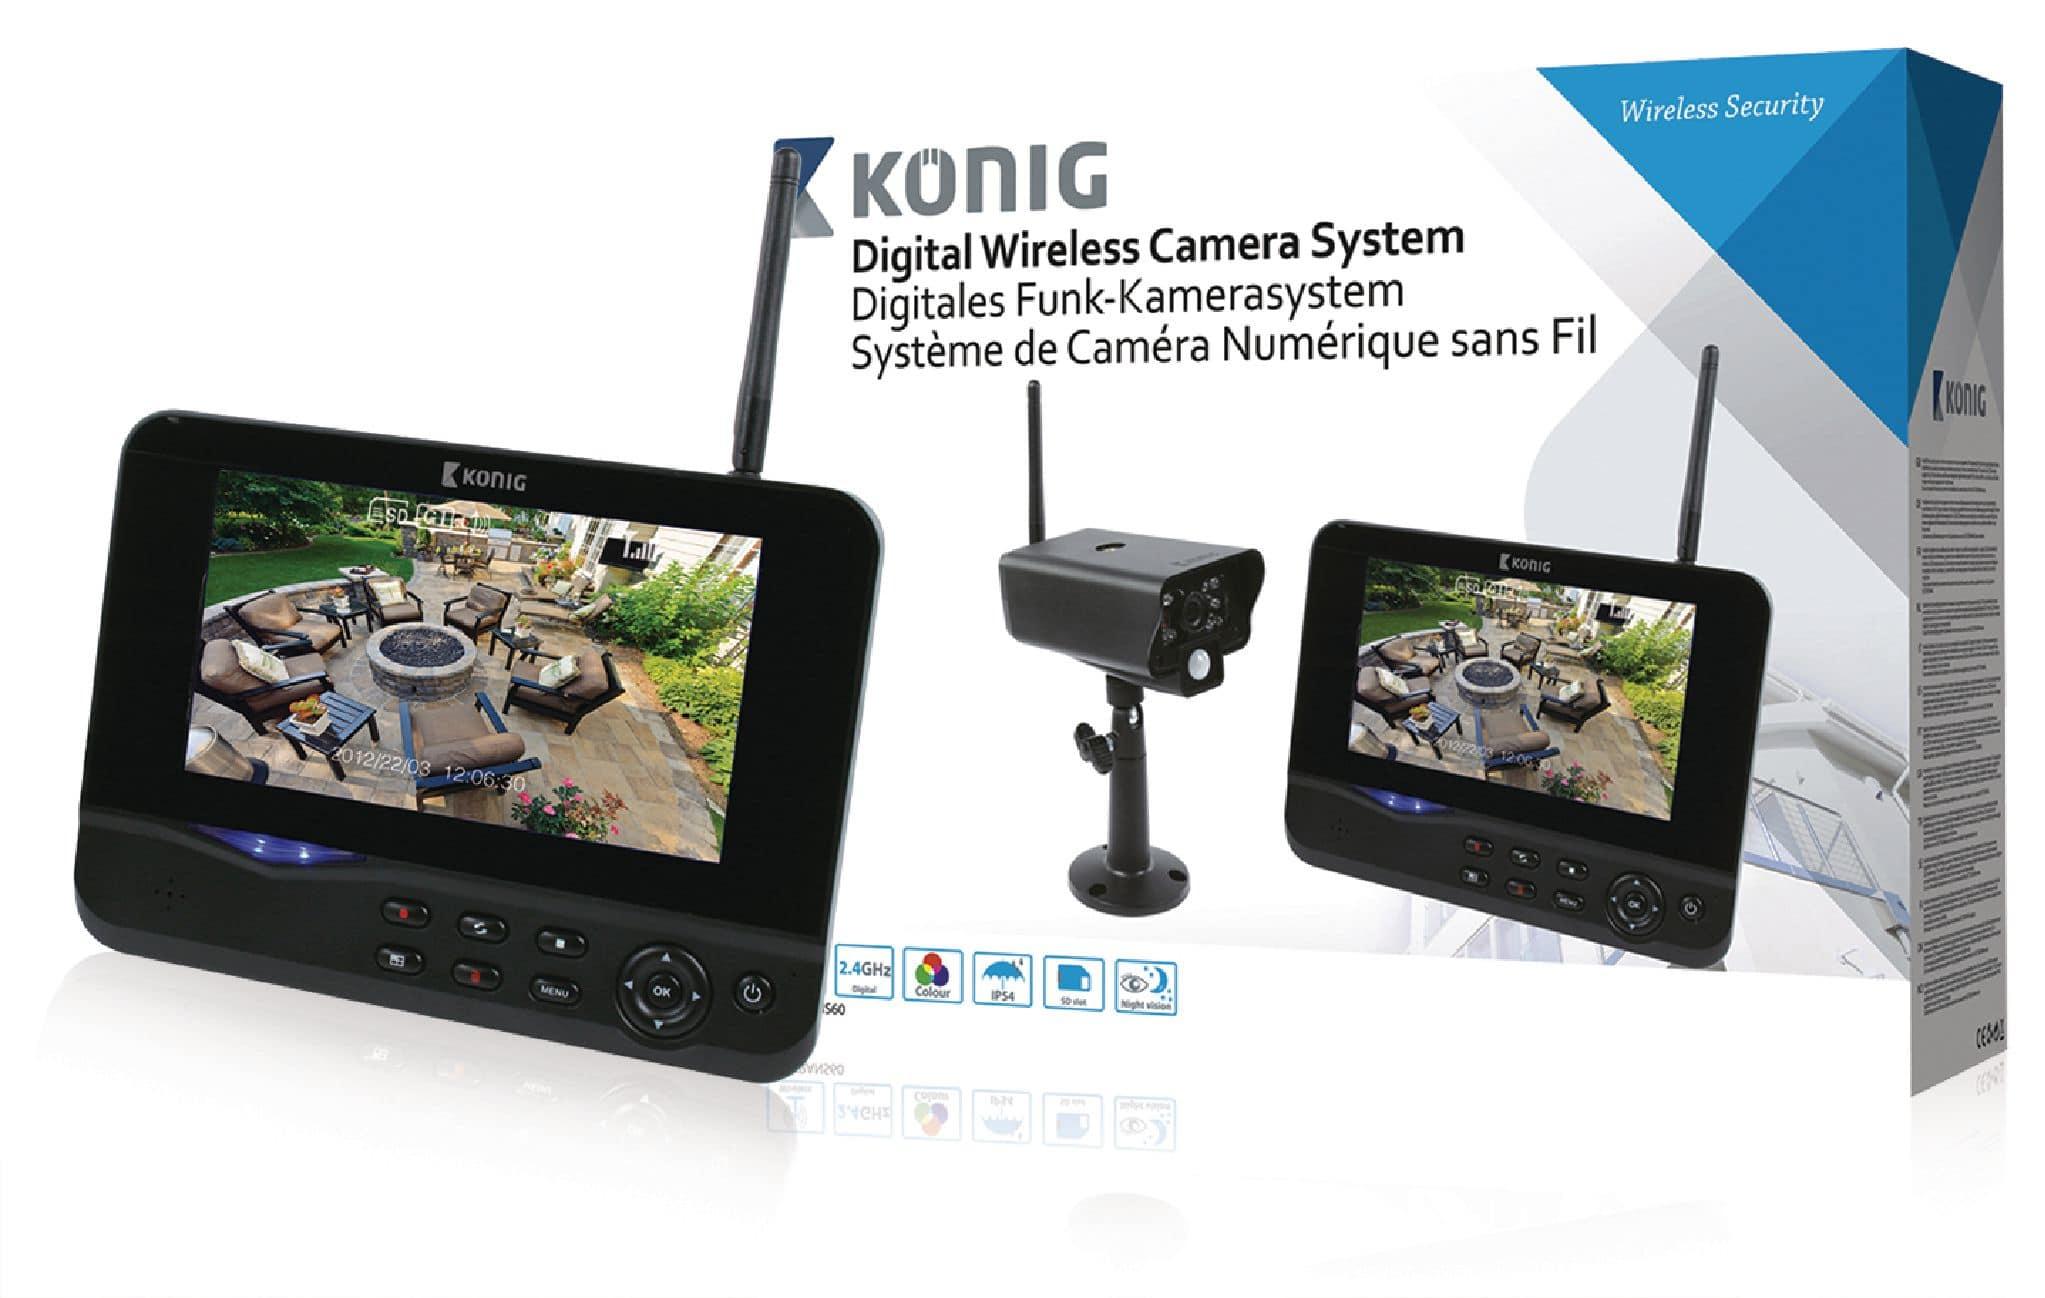 """König SAS-TRANS60 Digitales 2,4 GHz Funk-Kamerasystem mit 7"""" Monitor für 149,99 Euro"""